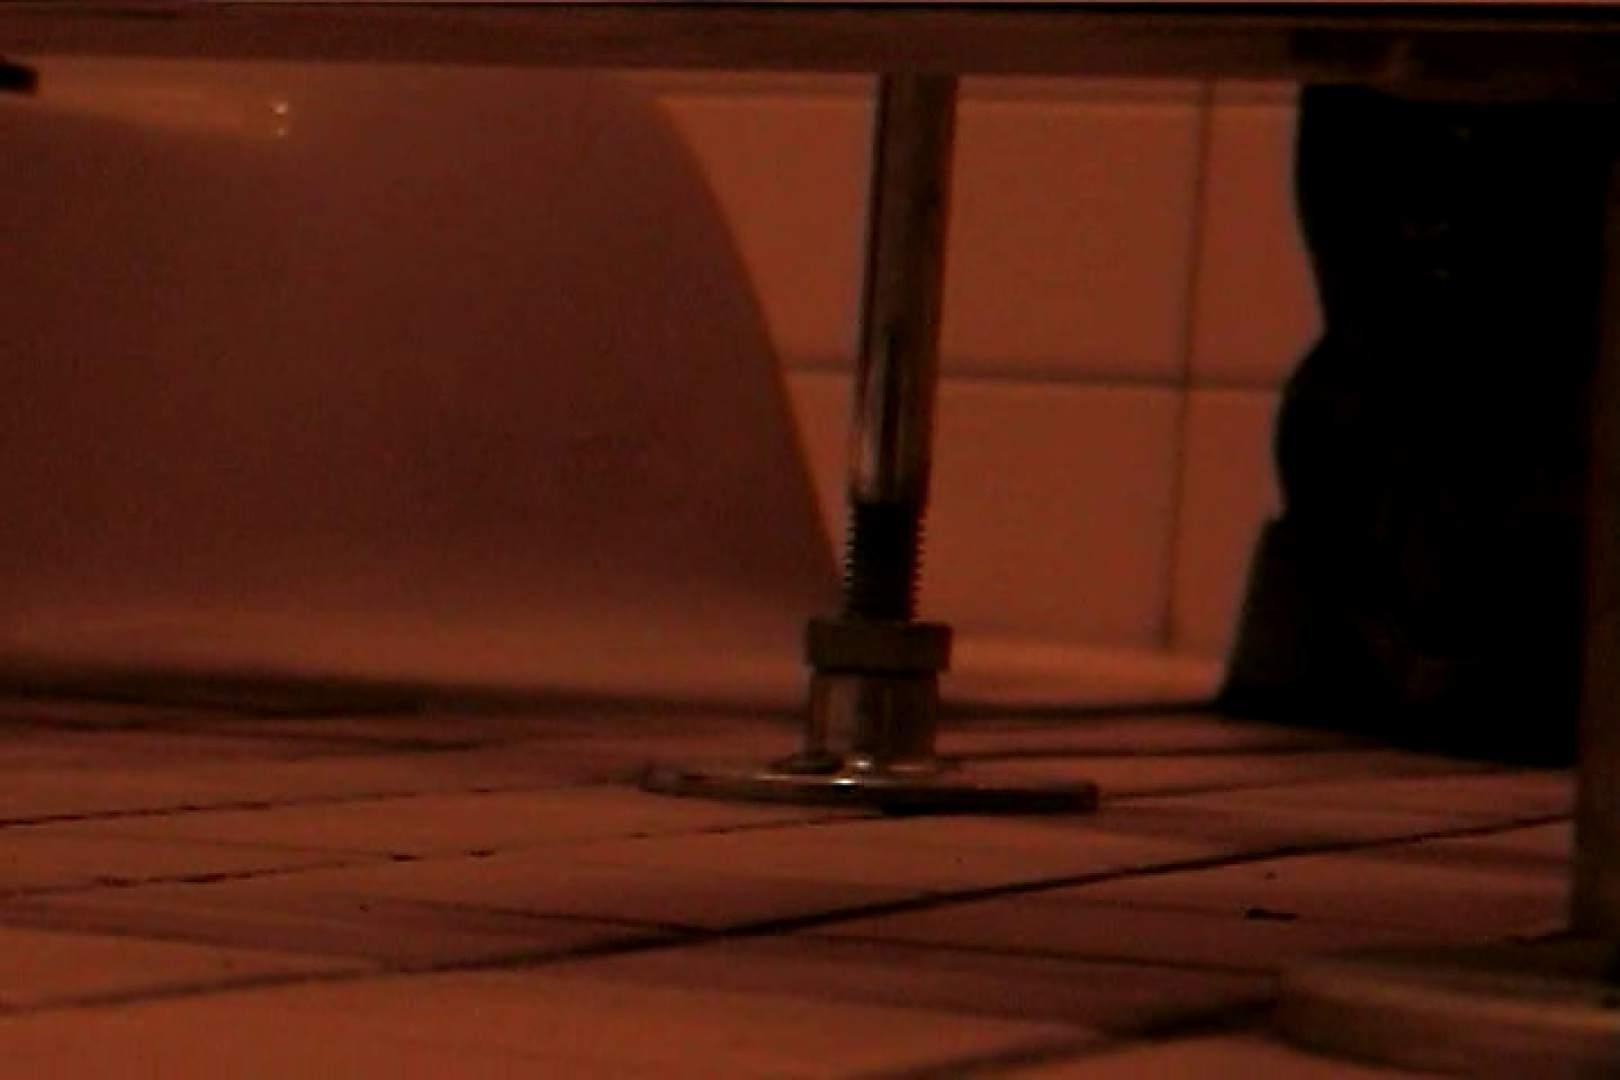 マンコ丸見え女子洗面所Vol.43 洗面所突入 オメコ無修正動画無料 77pic 10